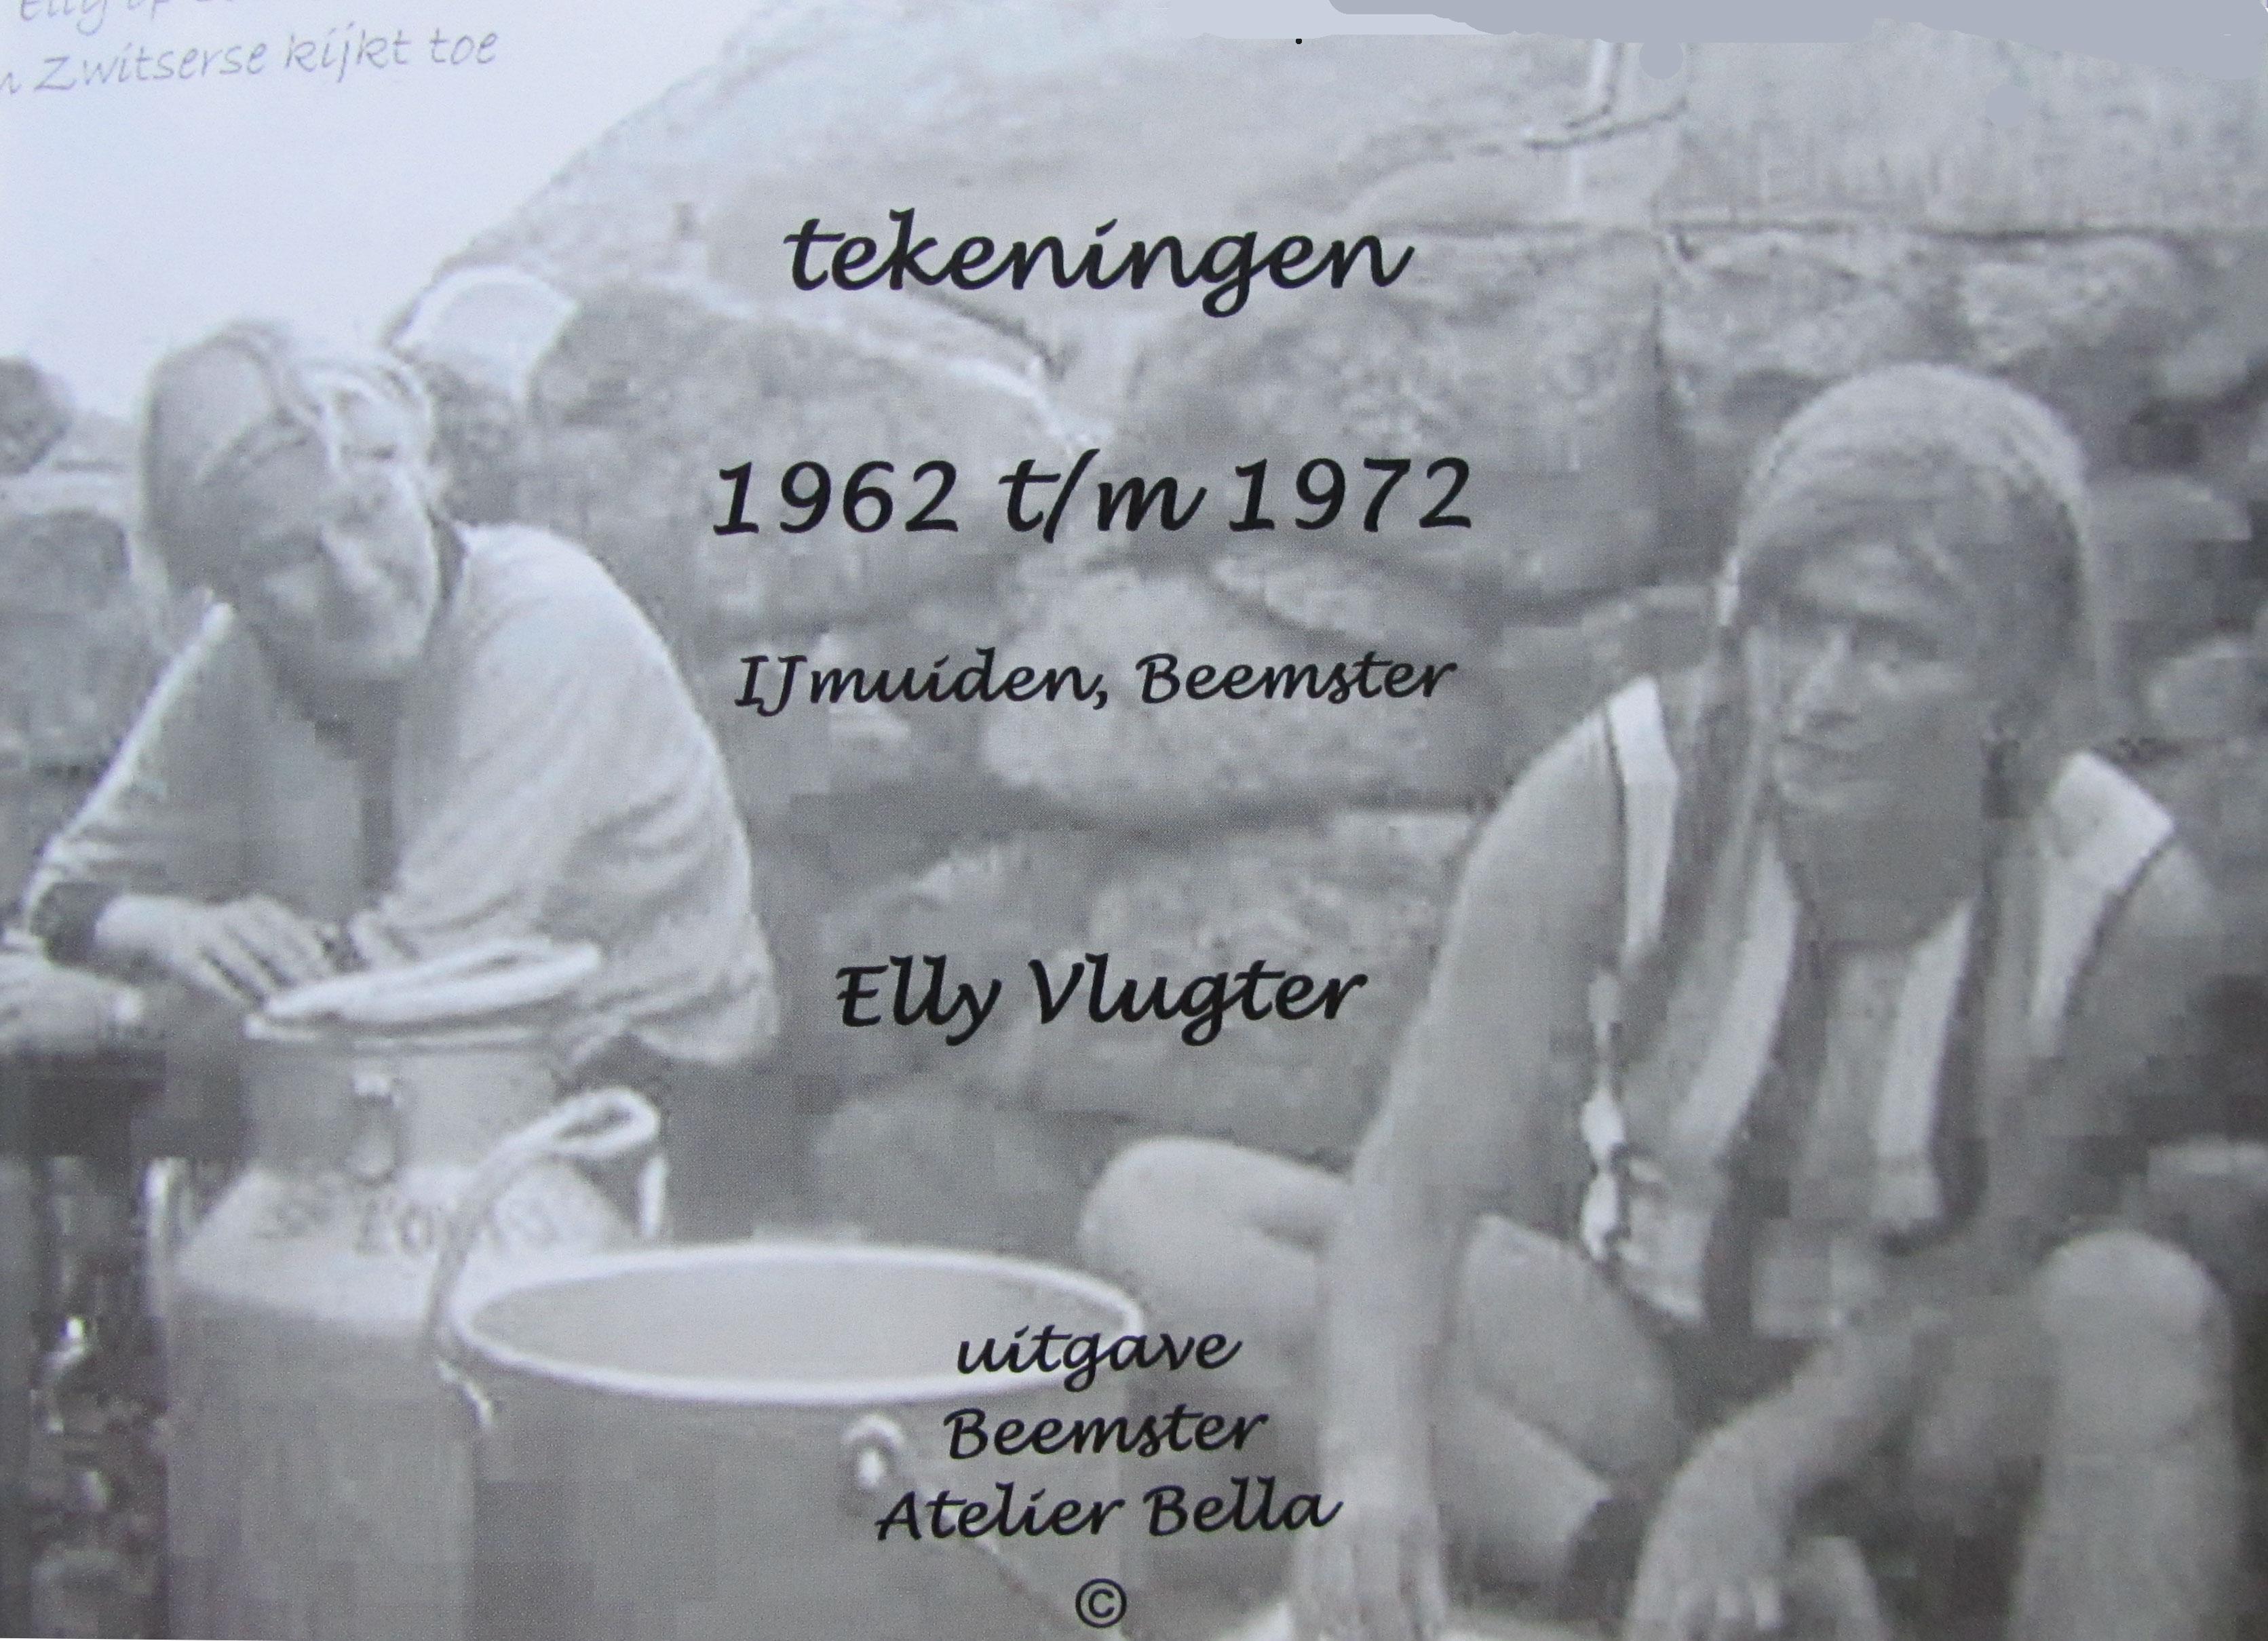 Tekeningen 1968 t/m 1972